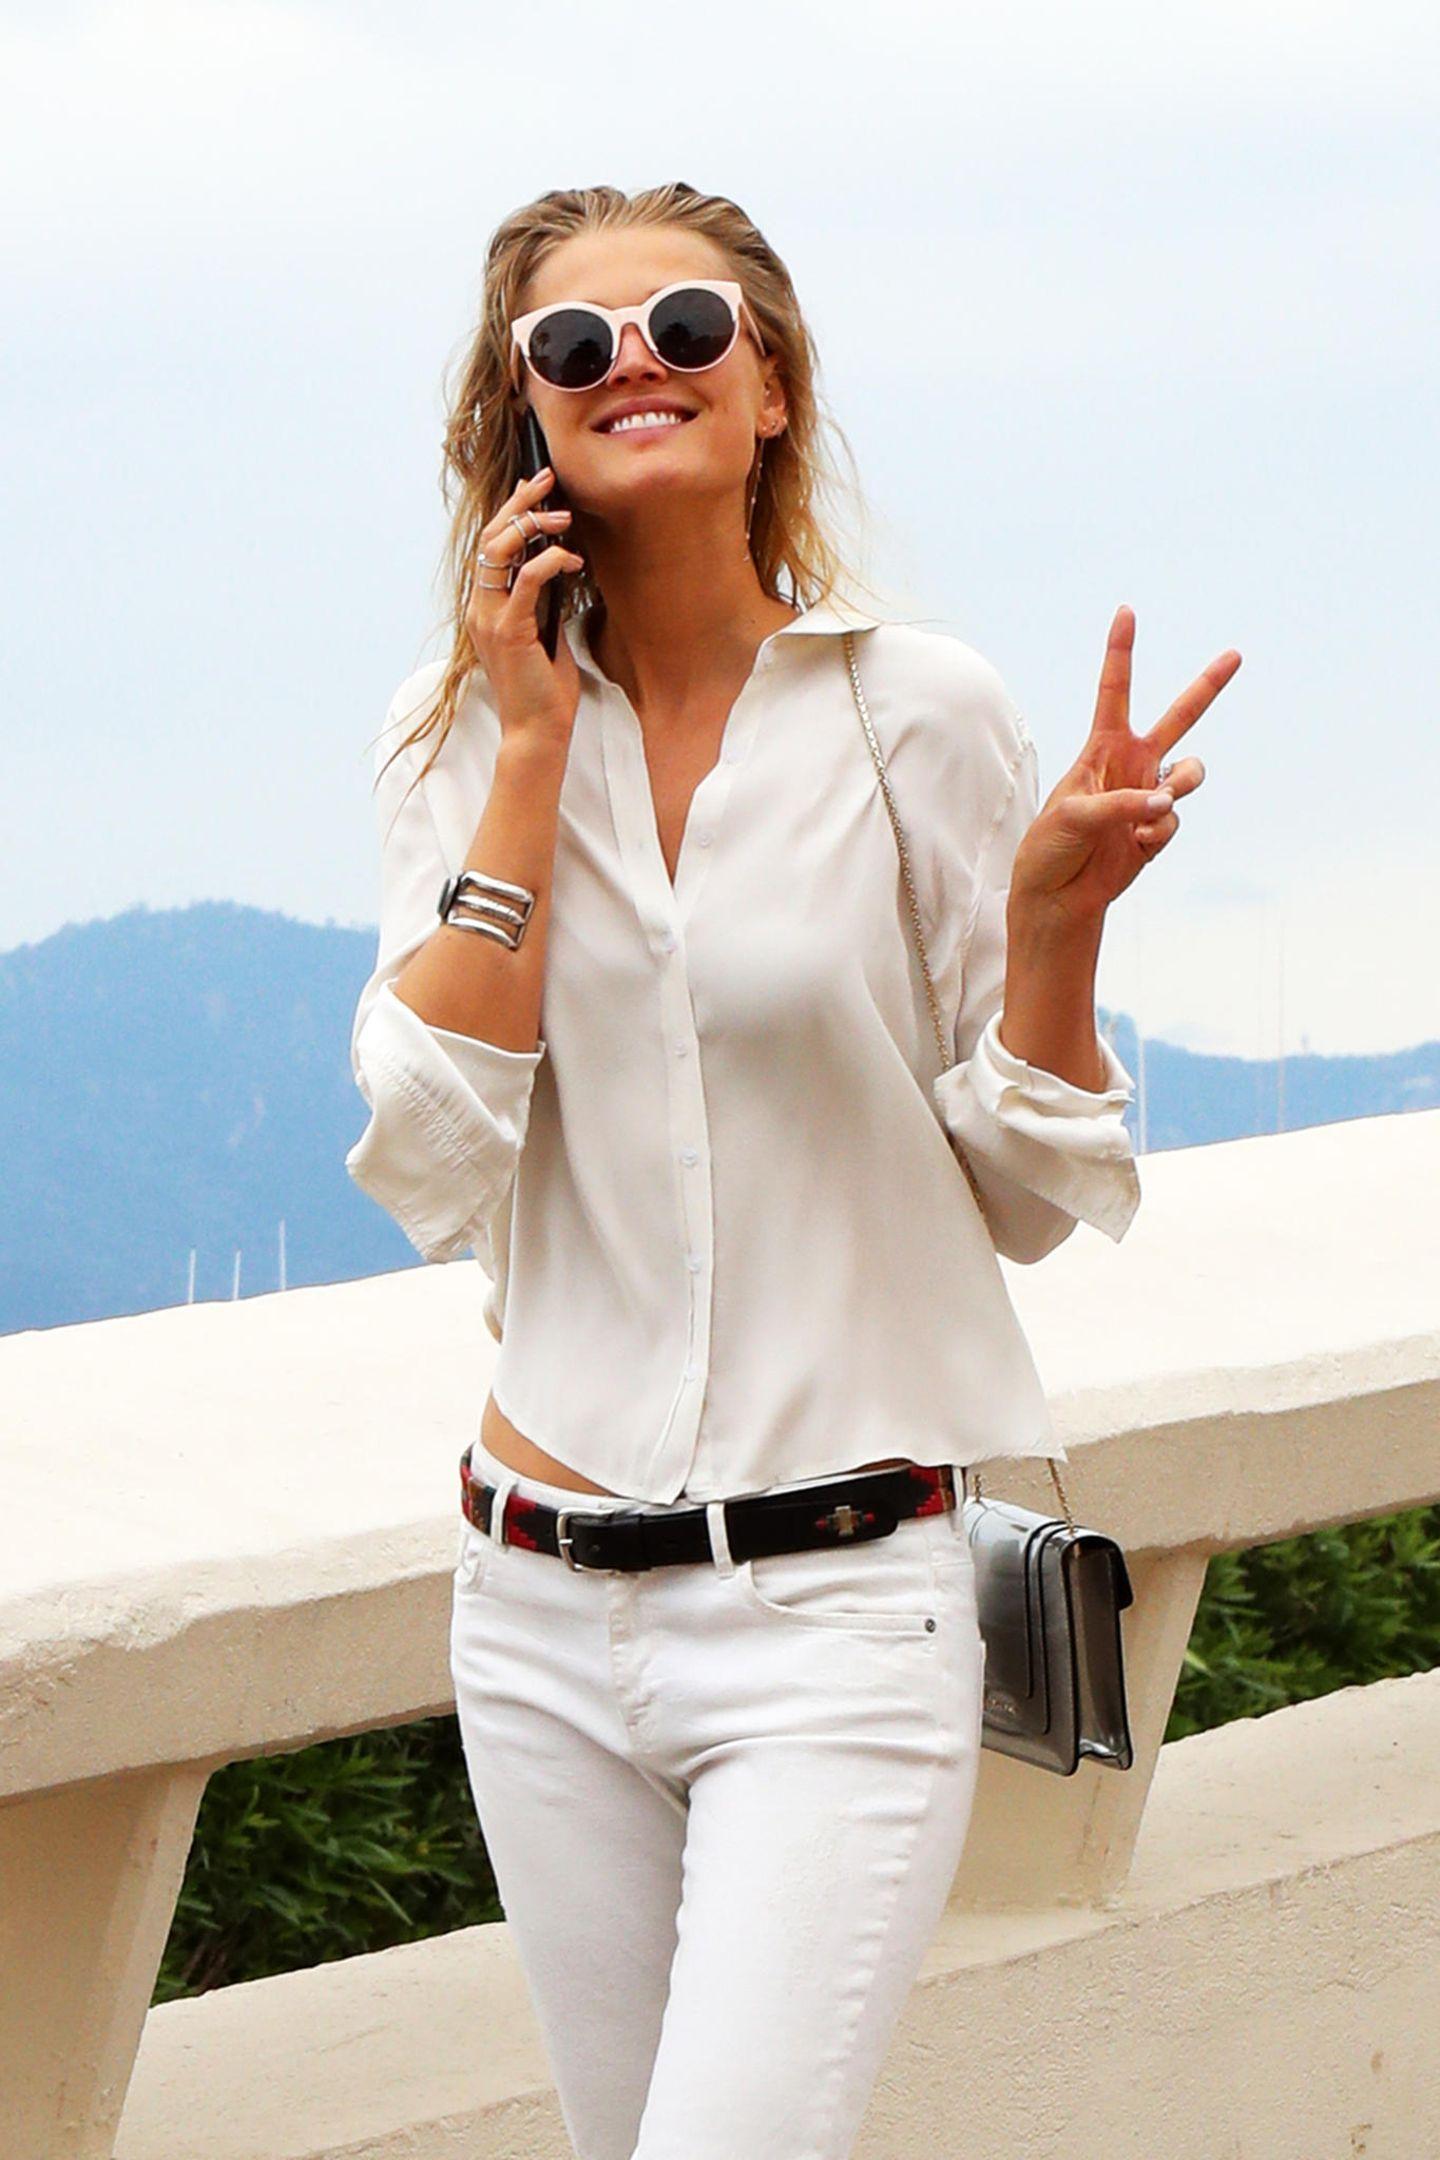 Zu Toni Garrns lässigem Jeans- und Blusen-Look in Weiß passt die süße Sonnenbrille mit rosafarbenen Gestell perfekt.